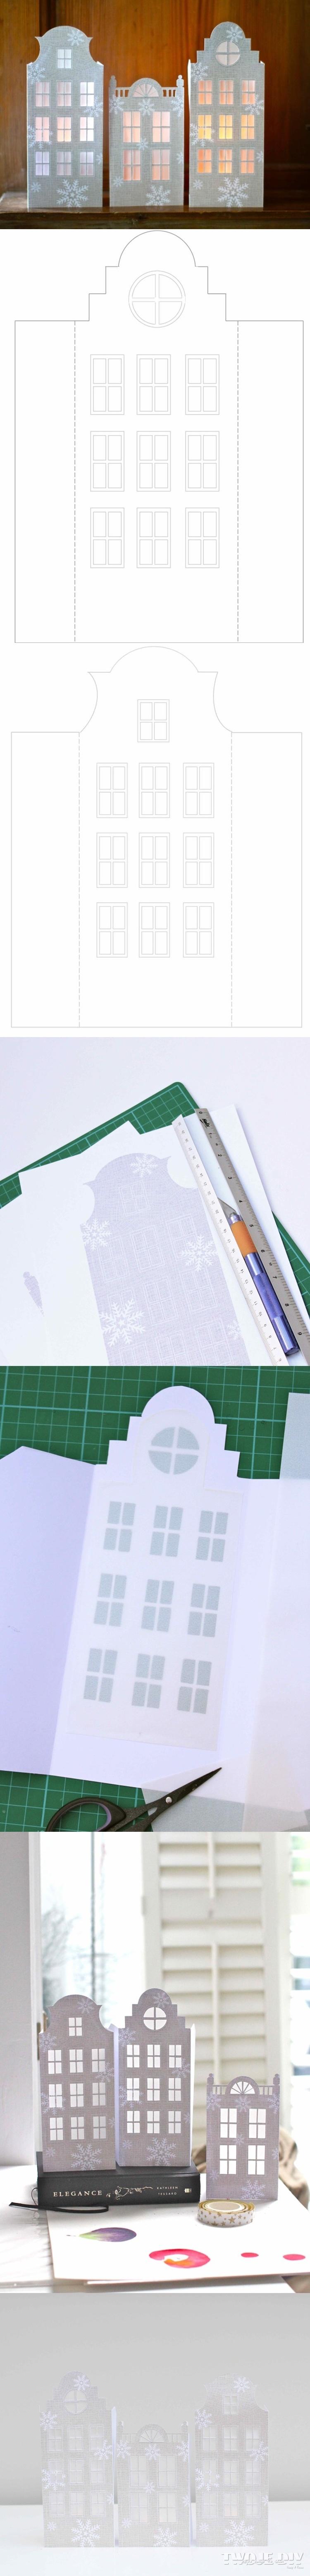 Neu Fensterbilder Weihnachten Basteln Vorlagen Kostenlos Ideen